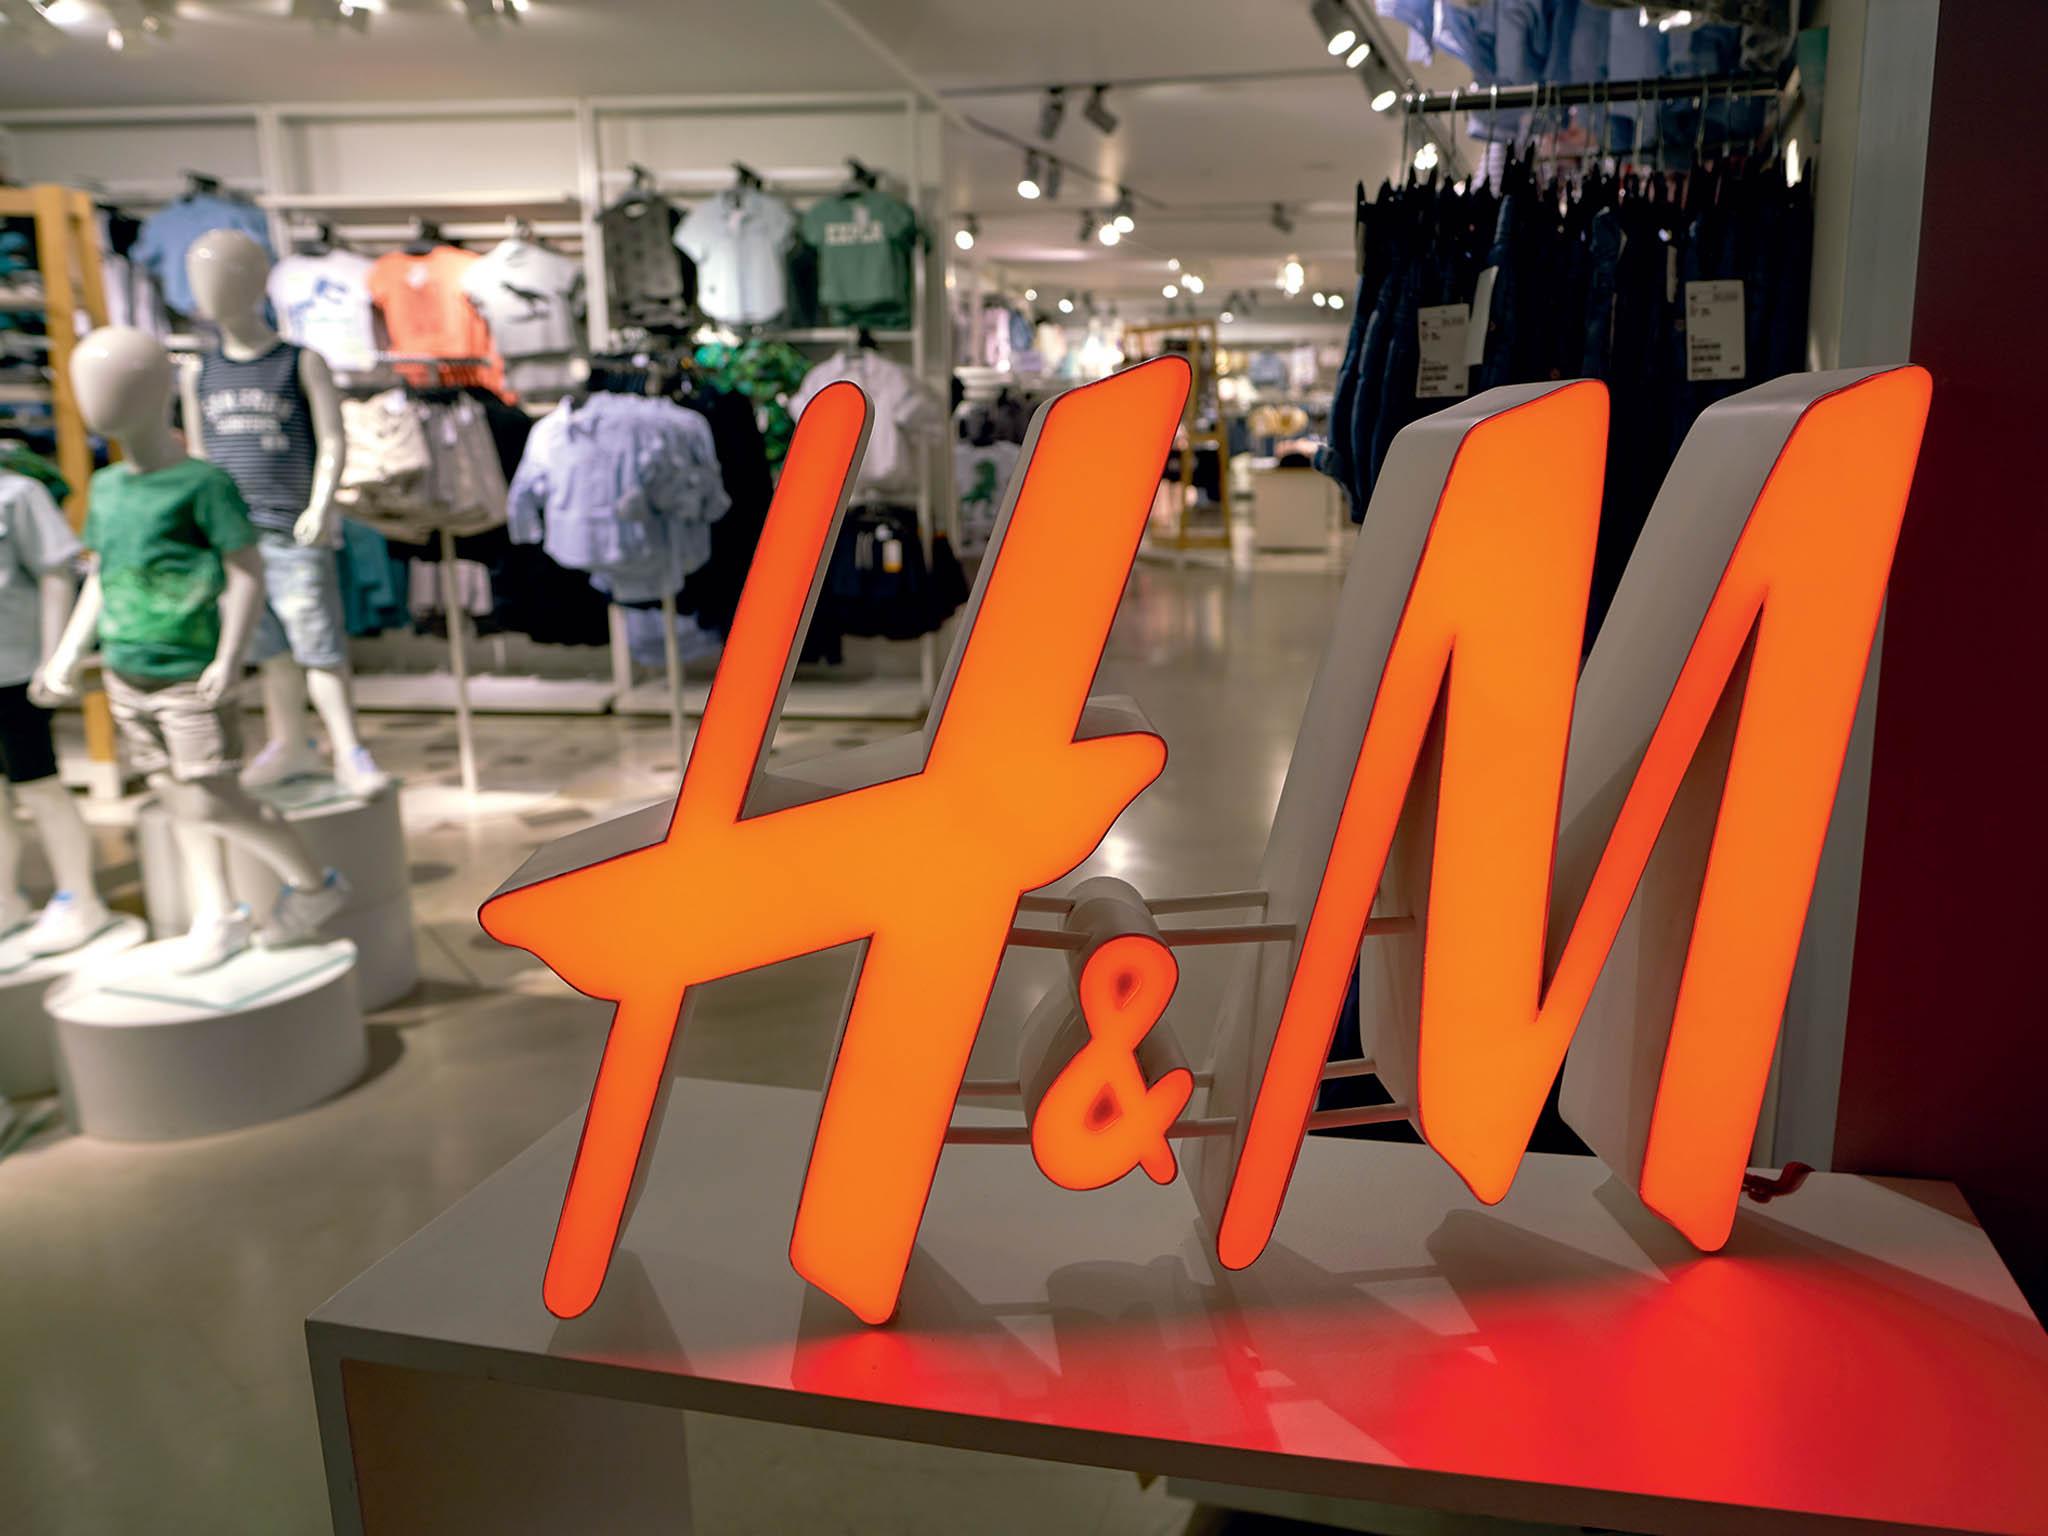 Prodejce oděvů H&M zaostává zasvým konkurentem Inditex.